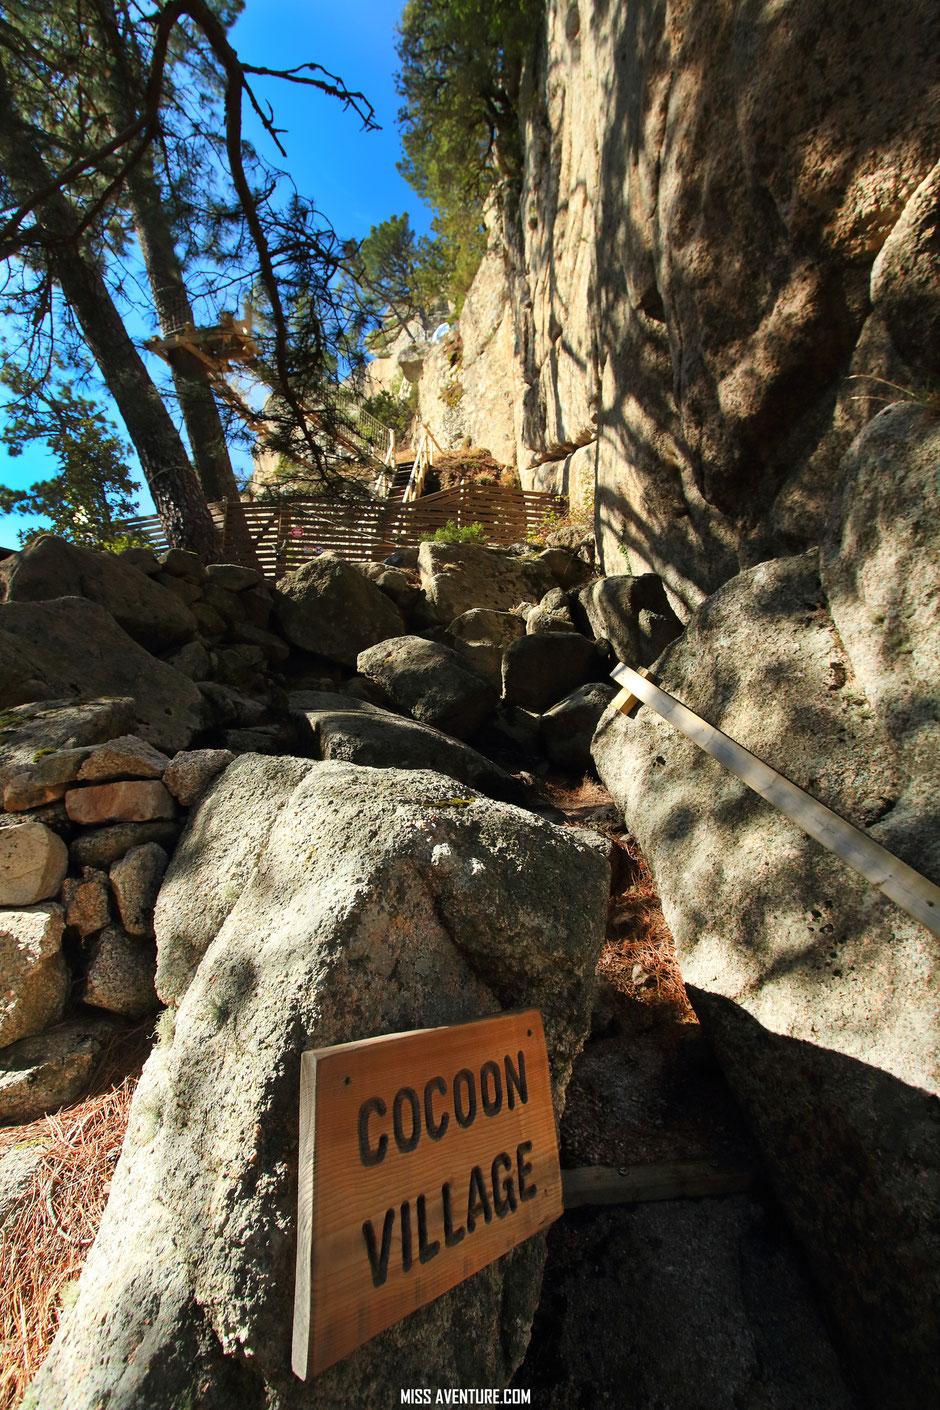 COCOON VILLAGE, logement insolite en CORSE. www.missaventure.com blog voyage d'aventures nature et photos. Road trip Corse du Nord au Sud